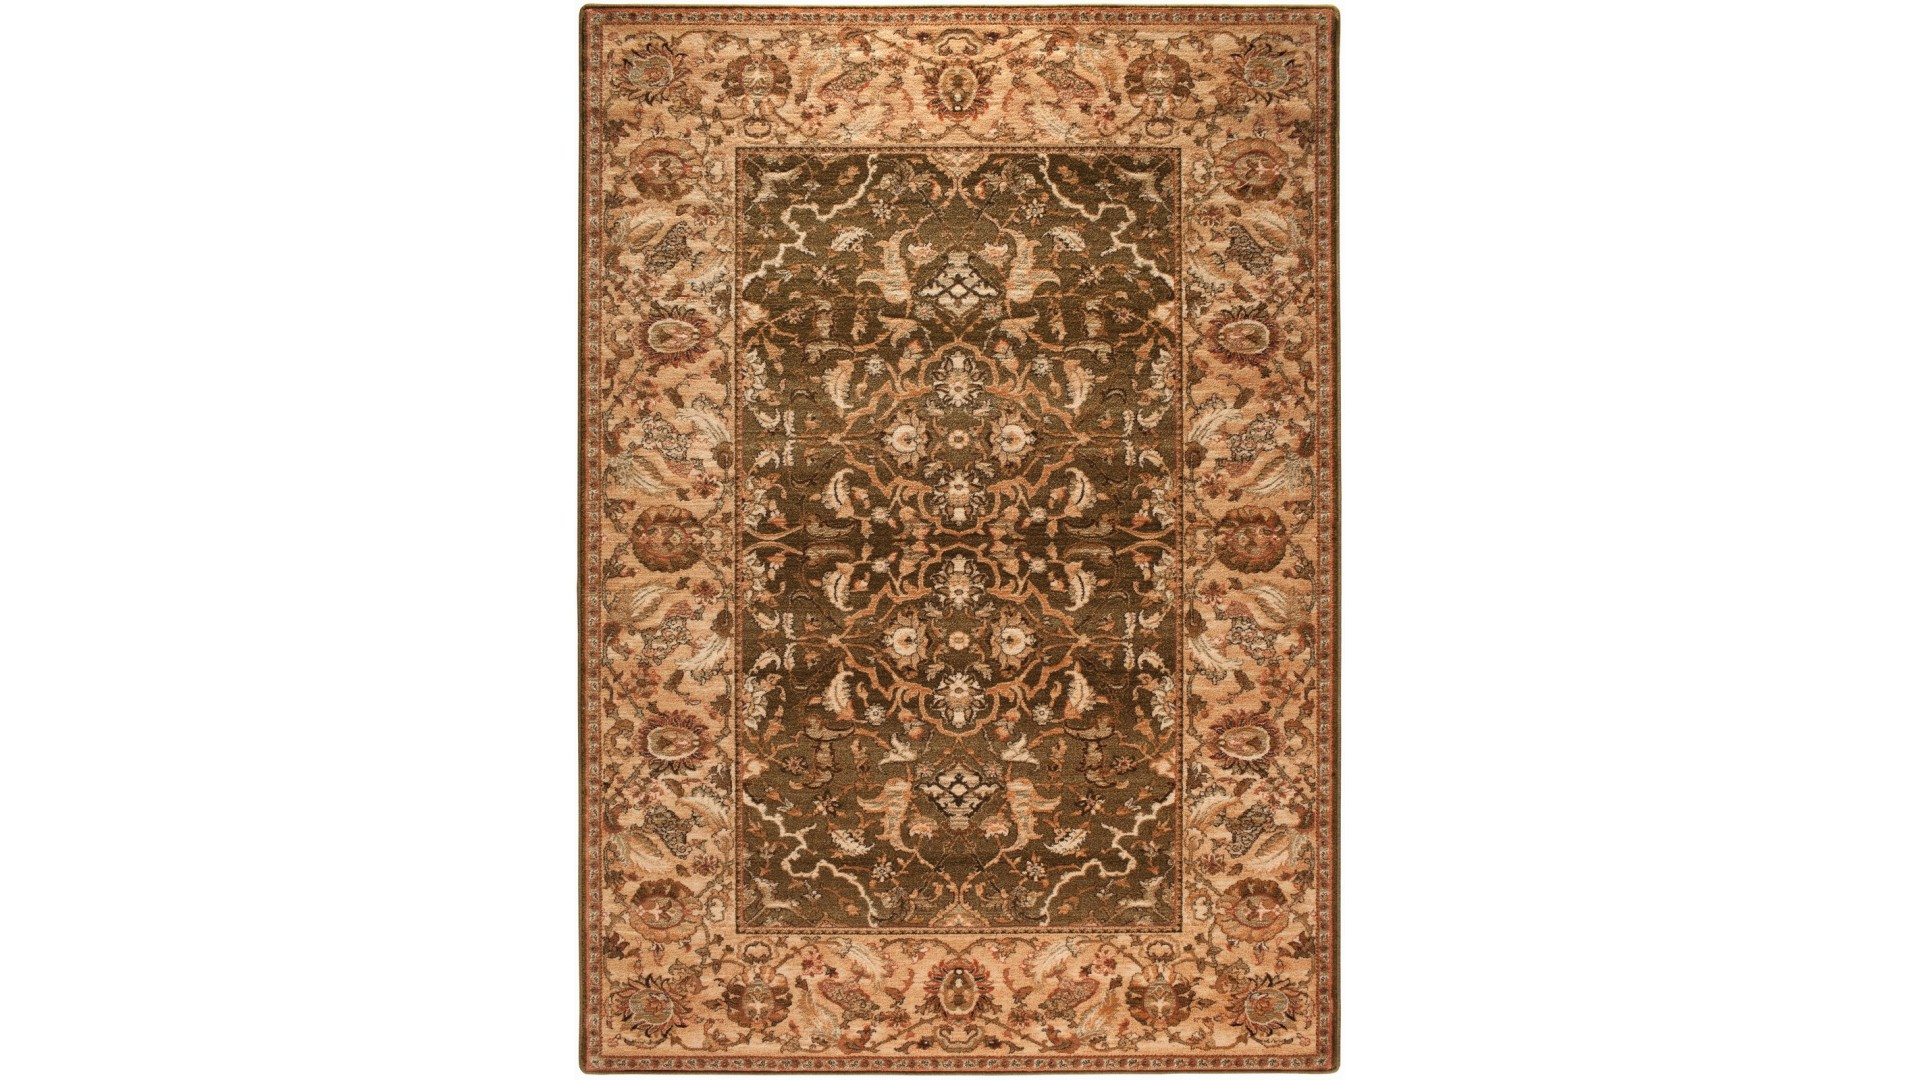 Wełniany dywan dobrej jakości do salonu.